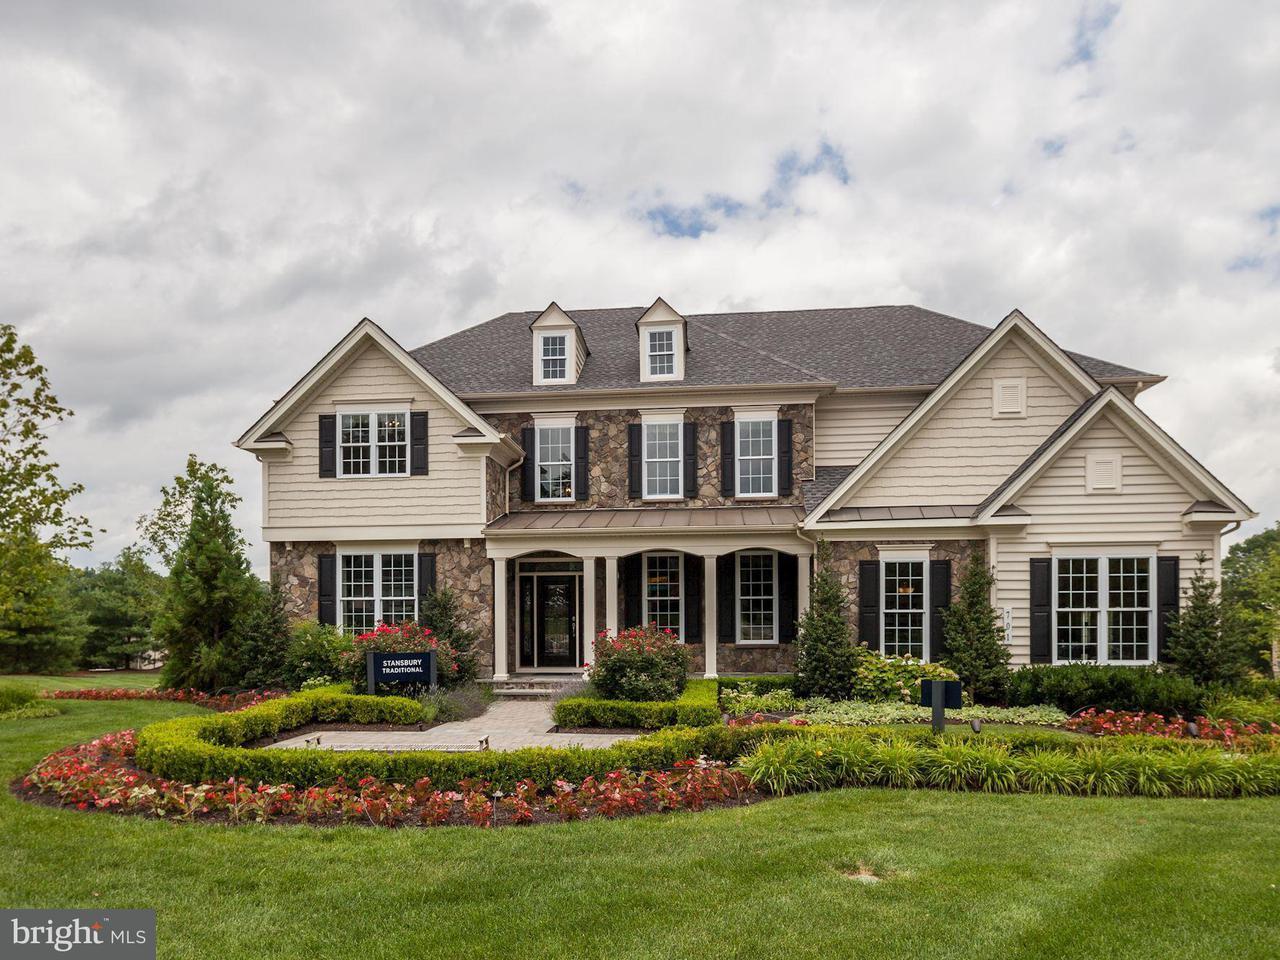 Частный односемейный дом для того Продажа на 701 Cedar Knoll Drive 701 Cedar Knoll Drive Bel Air, Мэриленд 21015 Соединенные Штаты